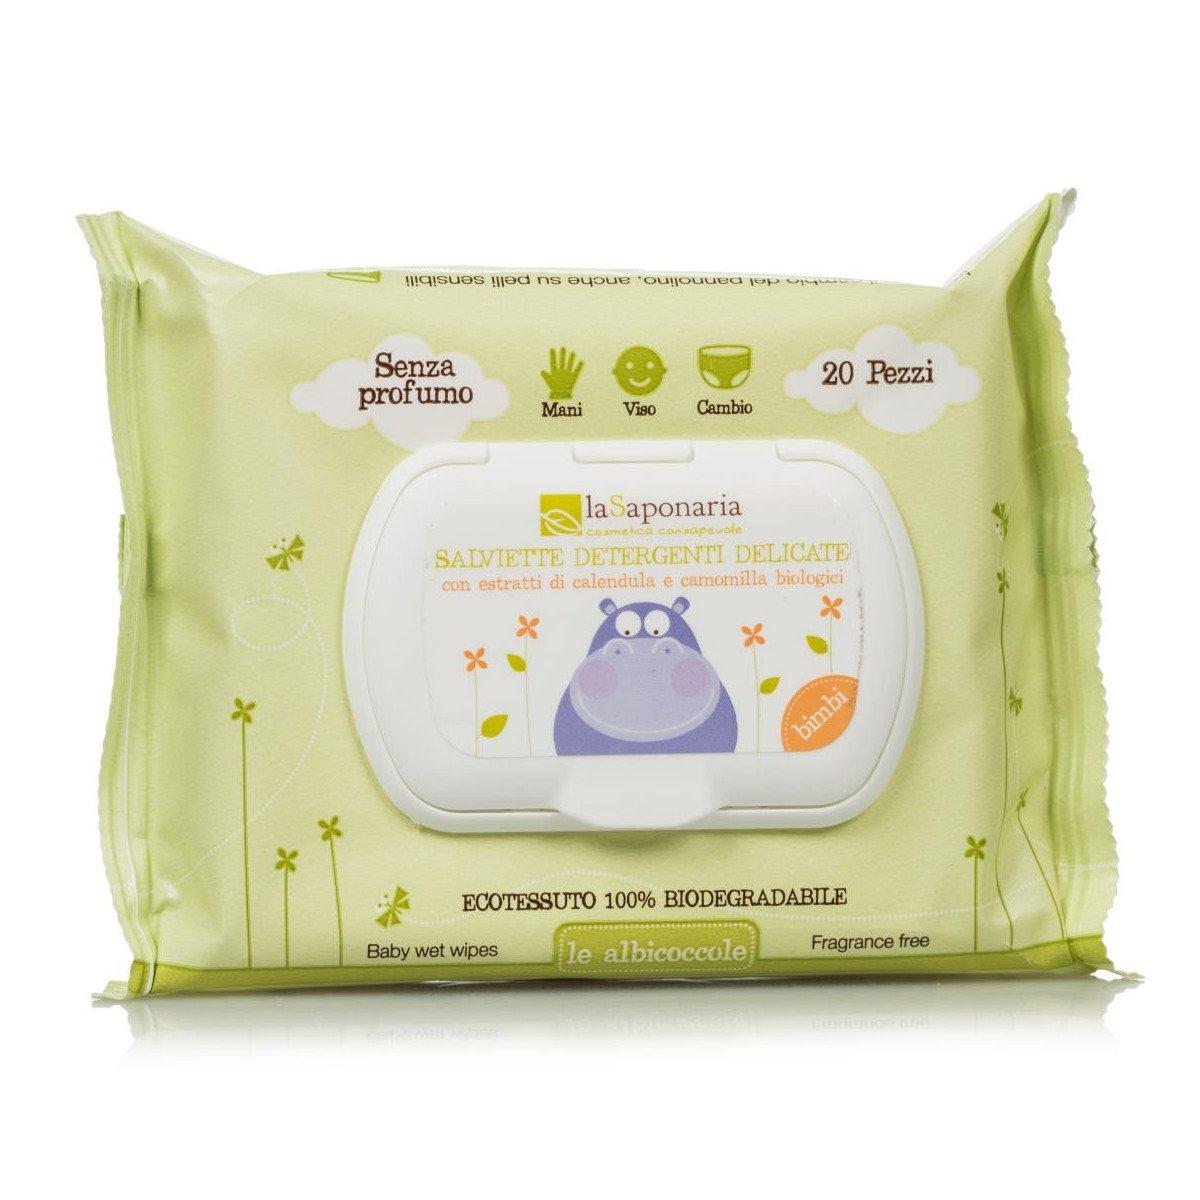 Salviette detergenti Le Albicoccole delicate e biodegradabili 20 pz